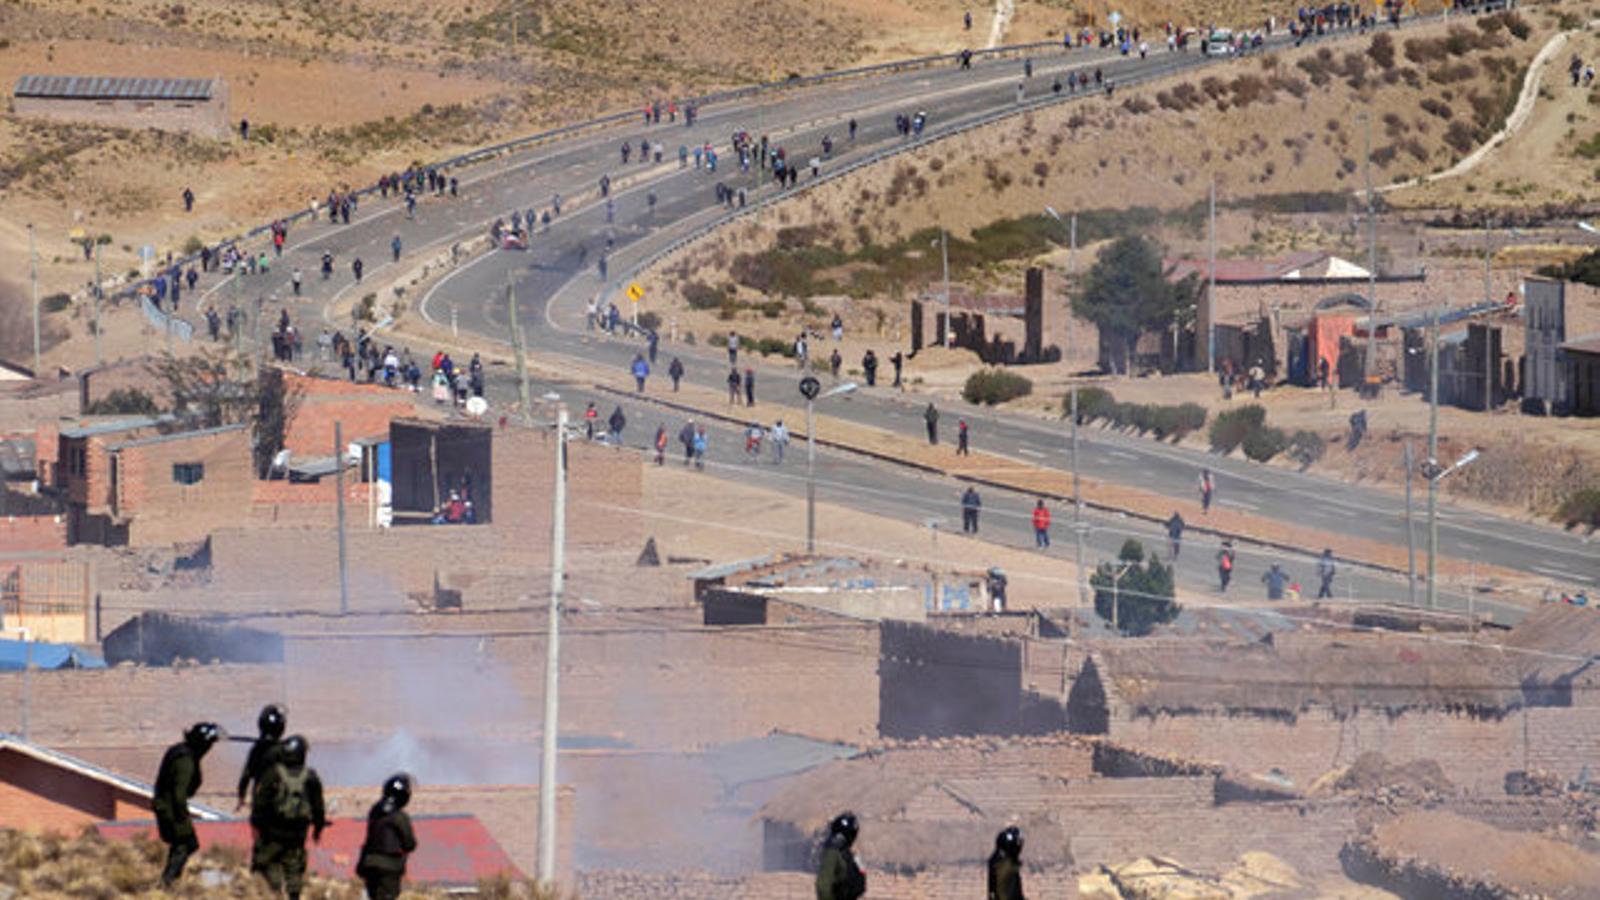 Miners en vaga protesten bloquejant les carreteres, al departament de La Paz.